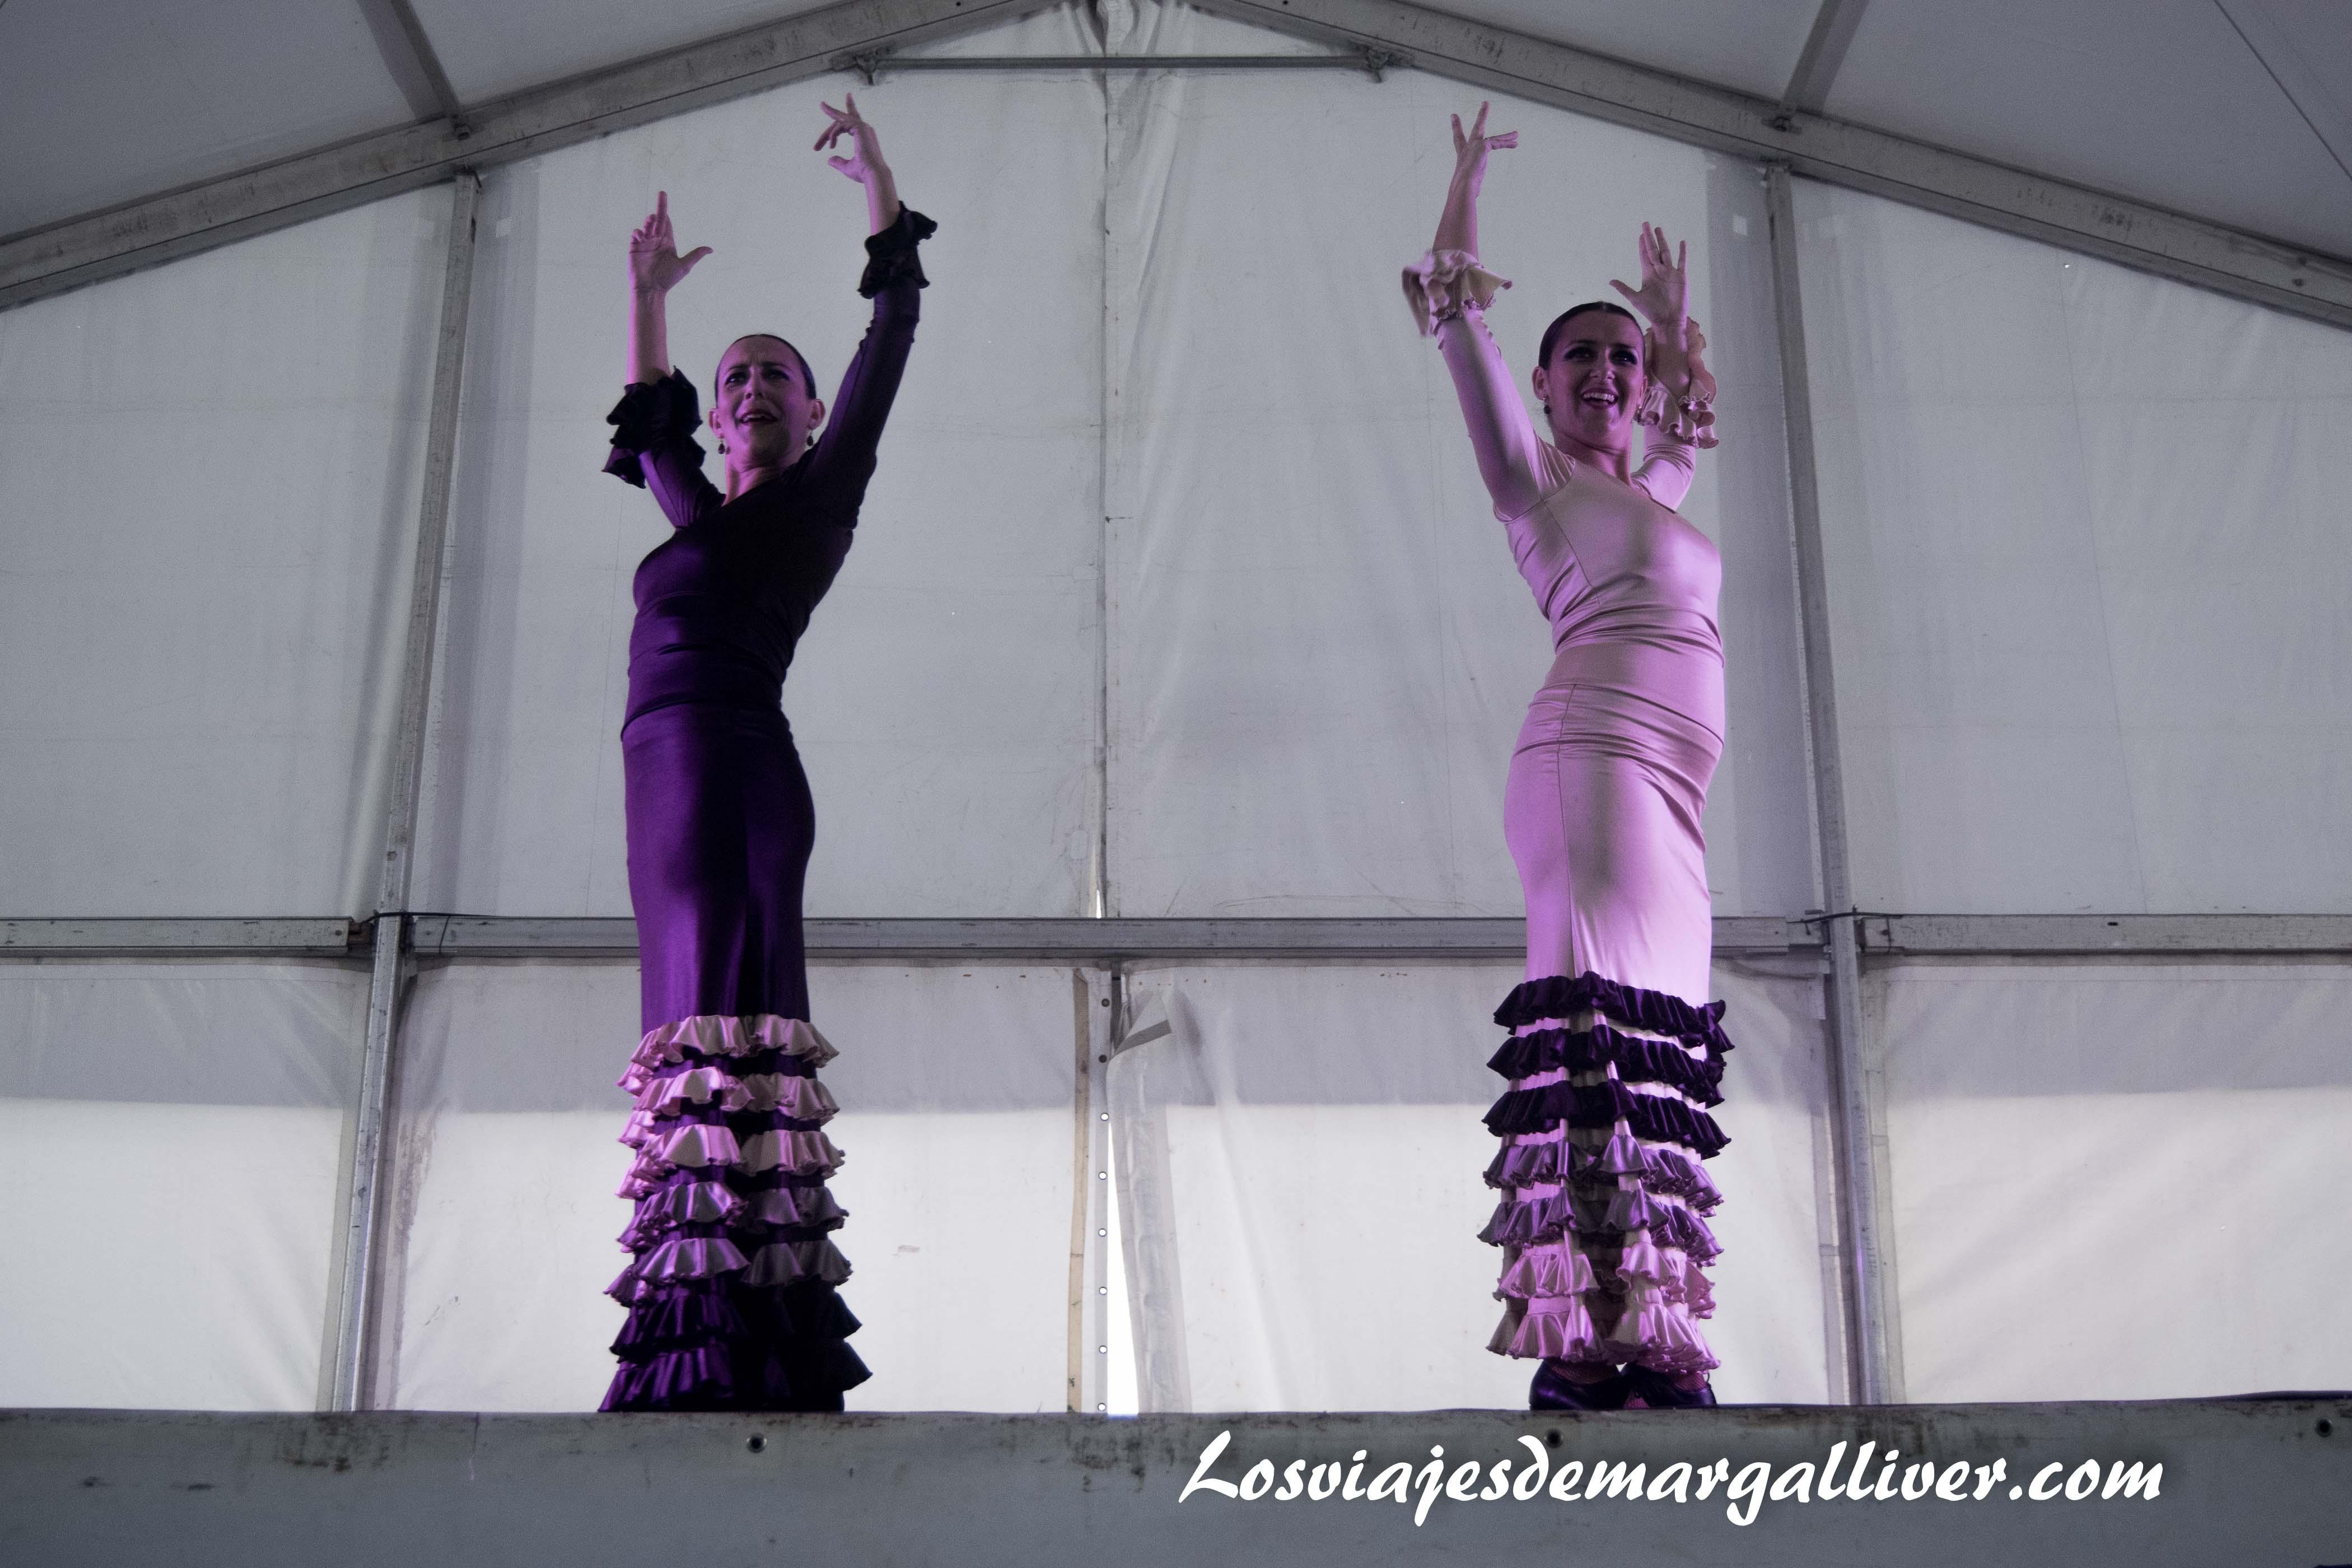 Espectaculo de flamenco en Enoberry - Los viajes de Margalliver